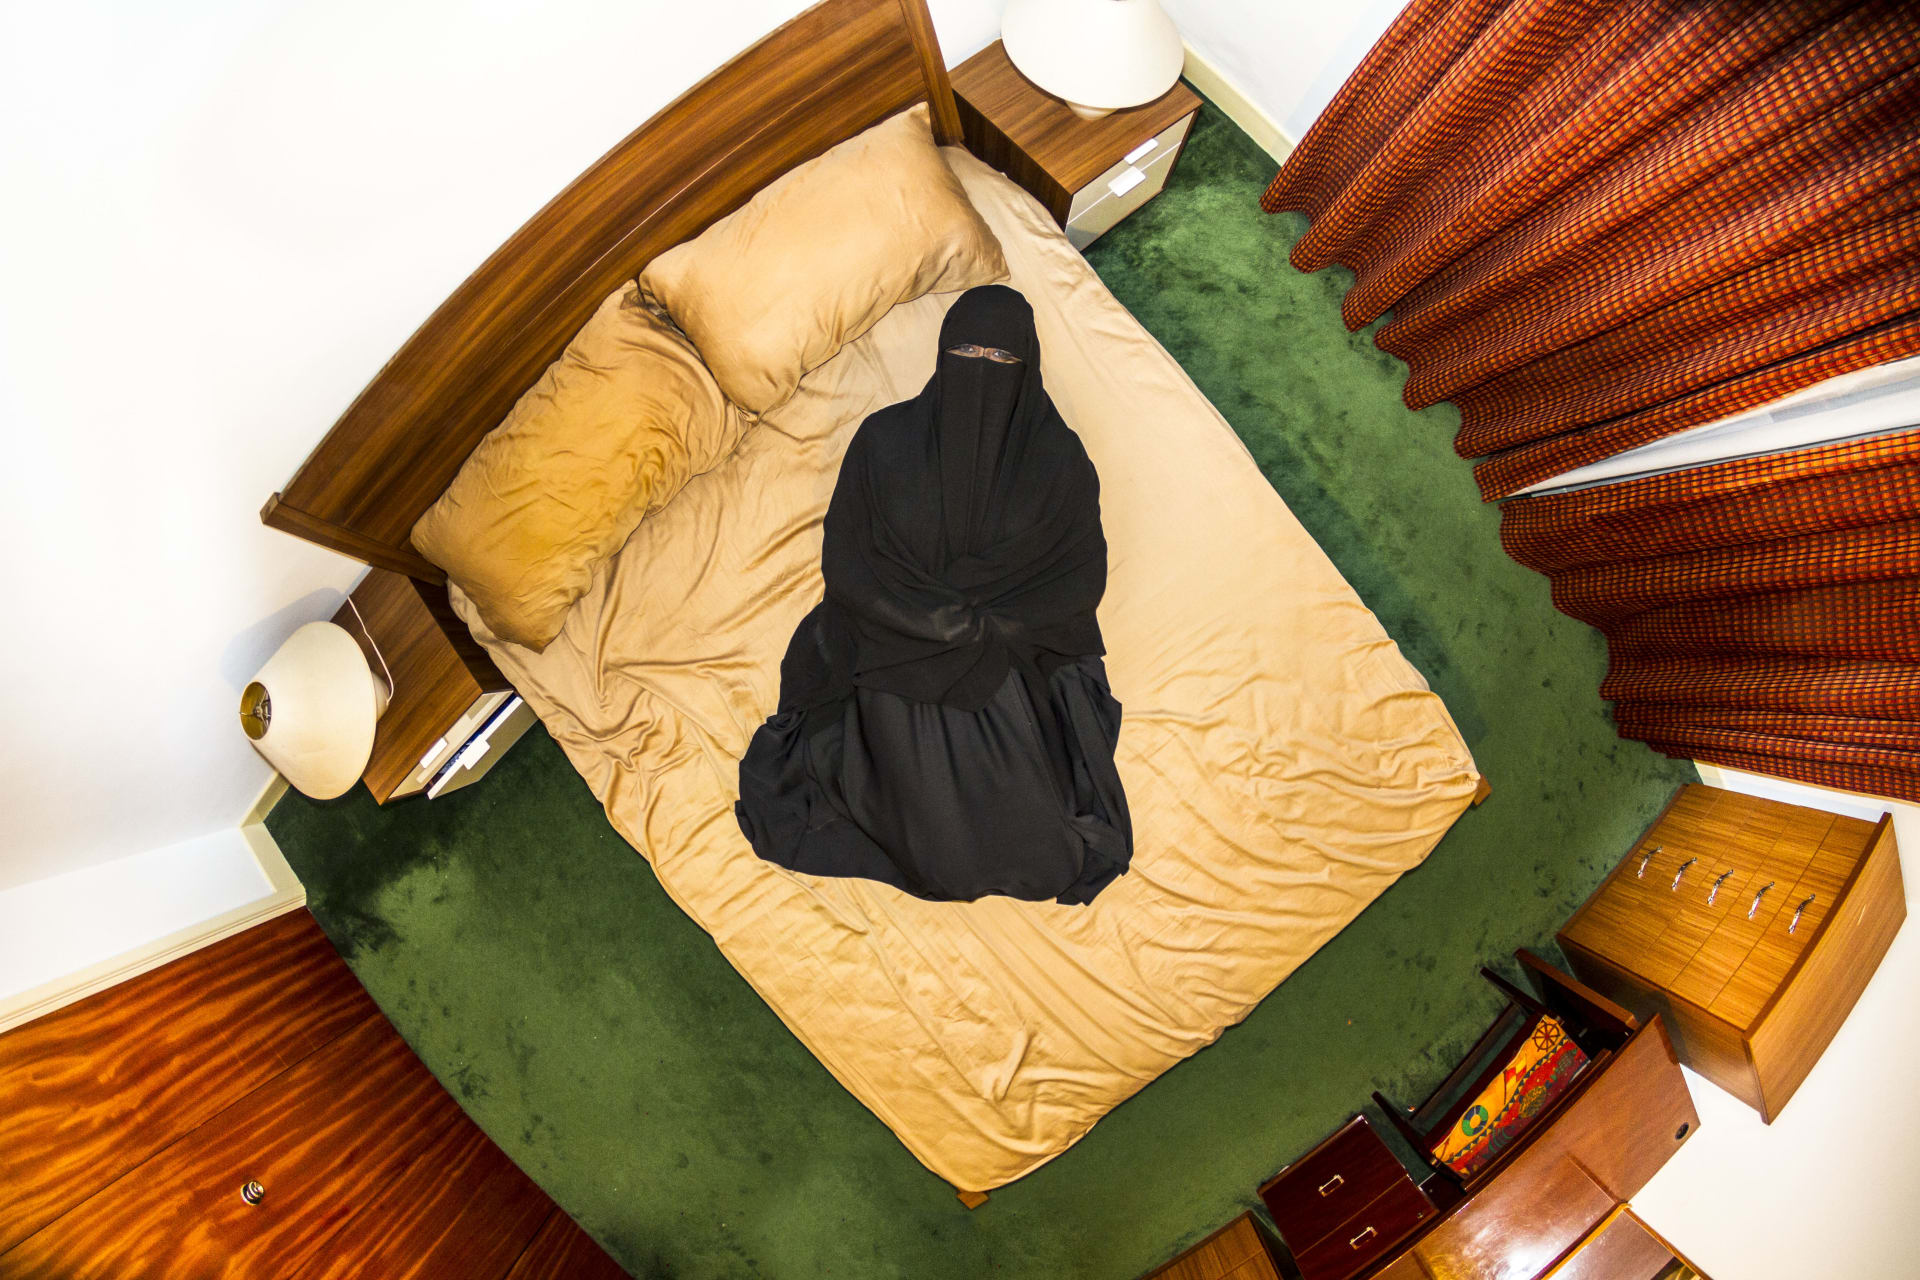 منها السعودية ومصر.. مصور يجسد ثقافات الناس عبر غرف نومهم